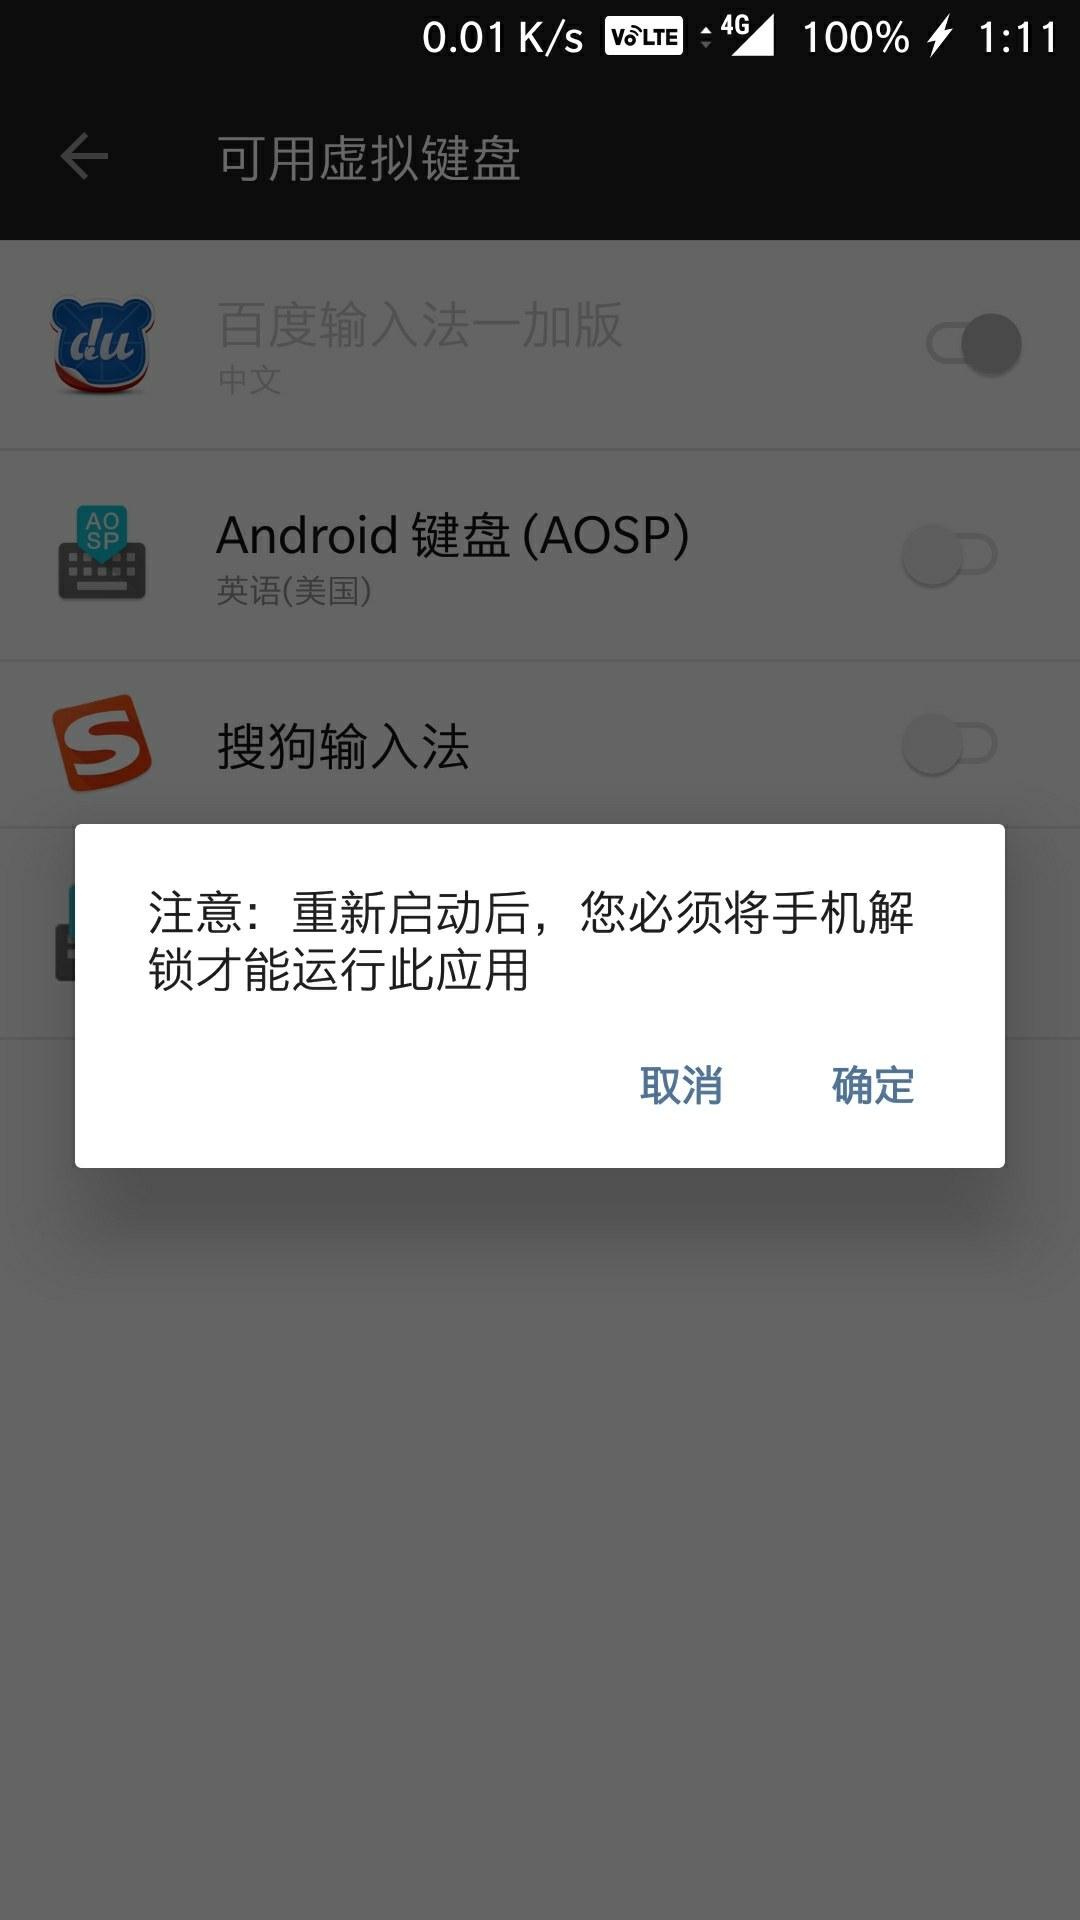 求助,下载了搜狗输入法却提示要解锁手机才能用